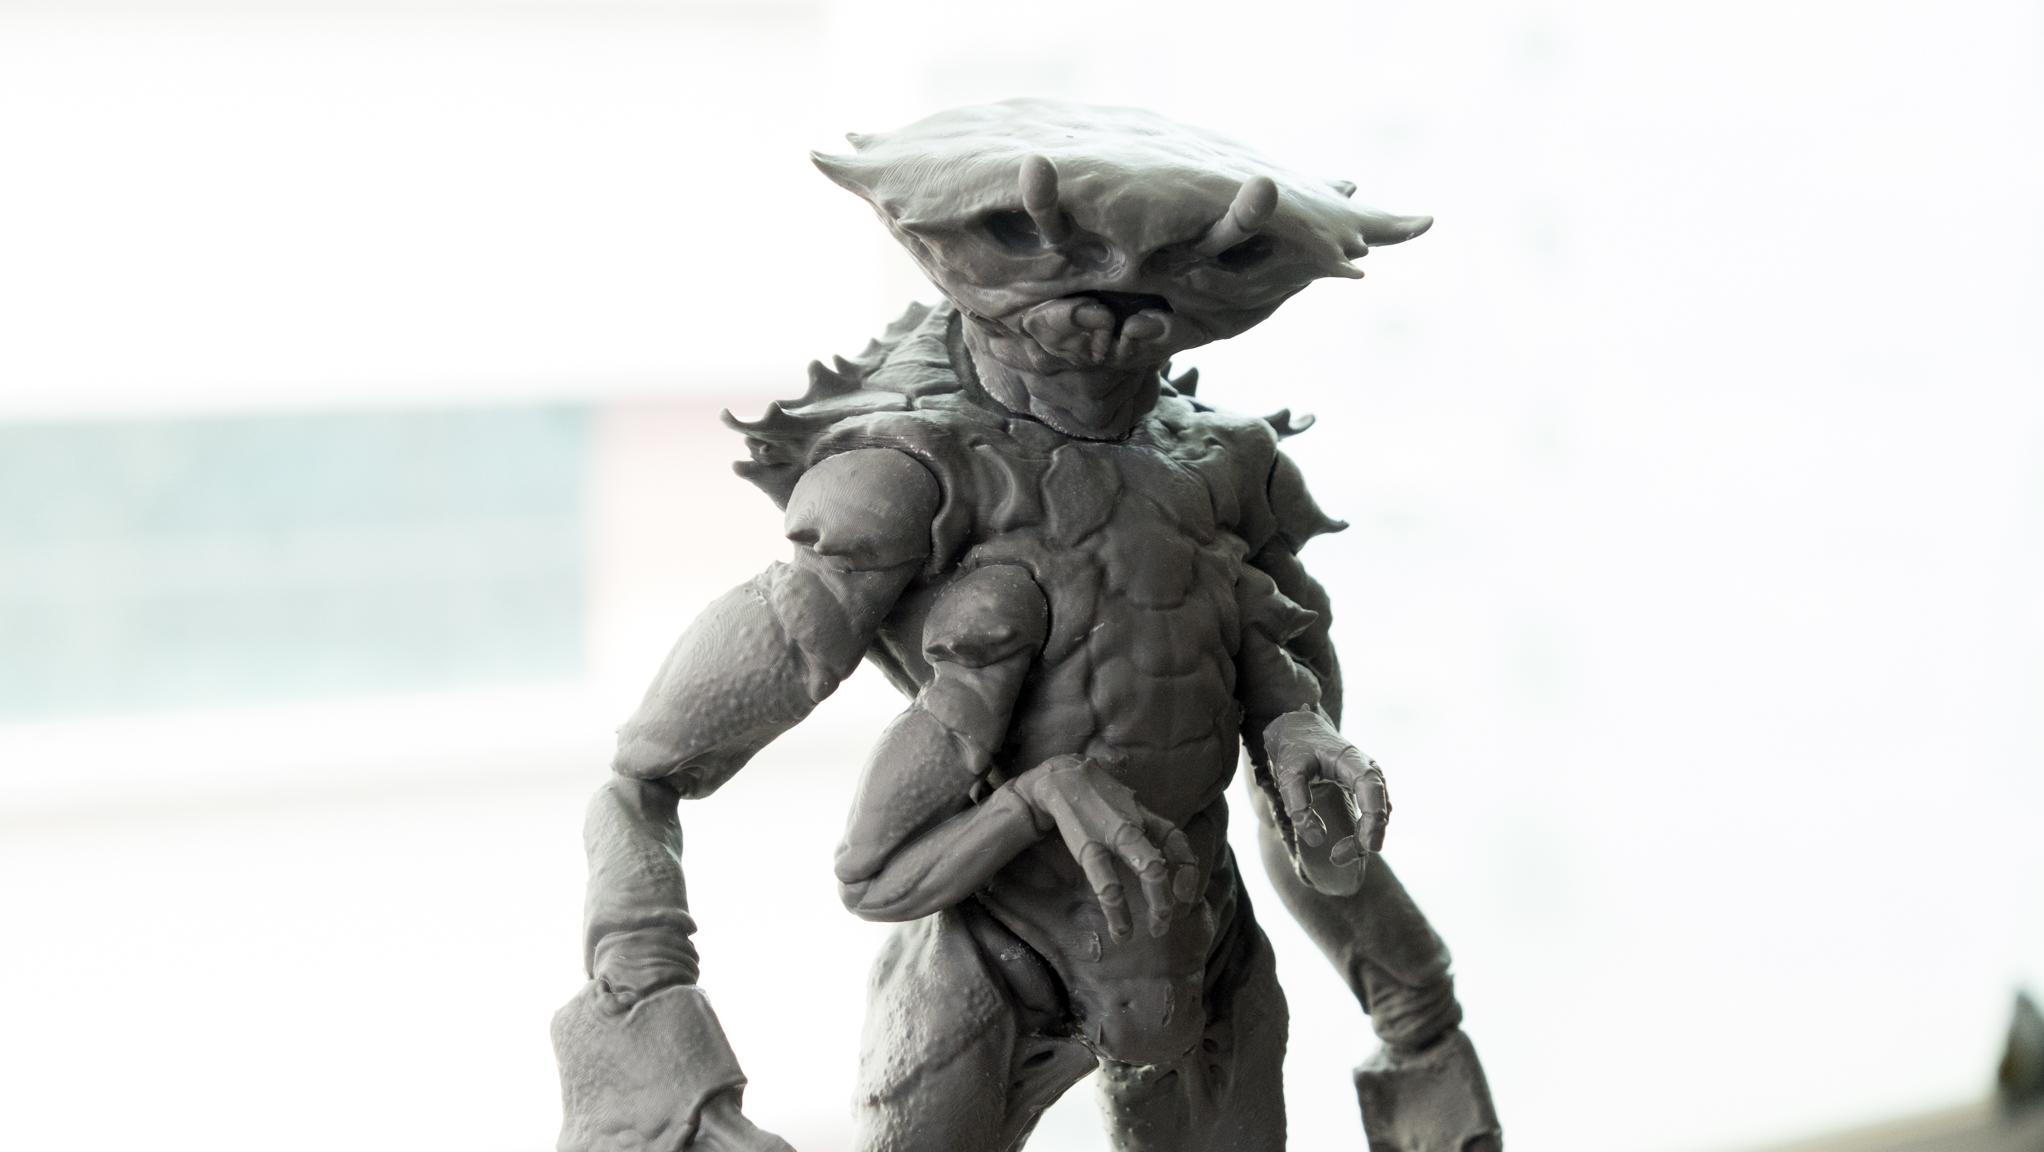 Model by Paul Braddock